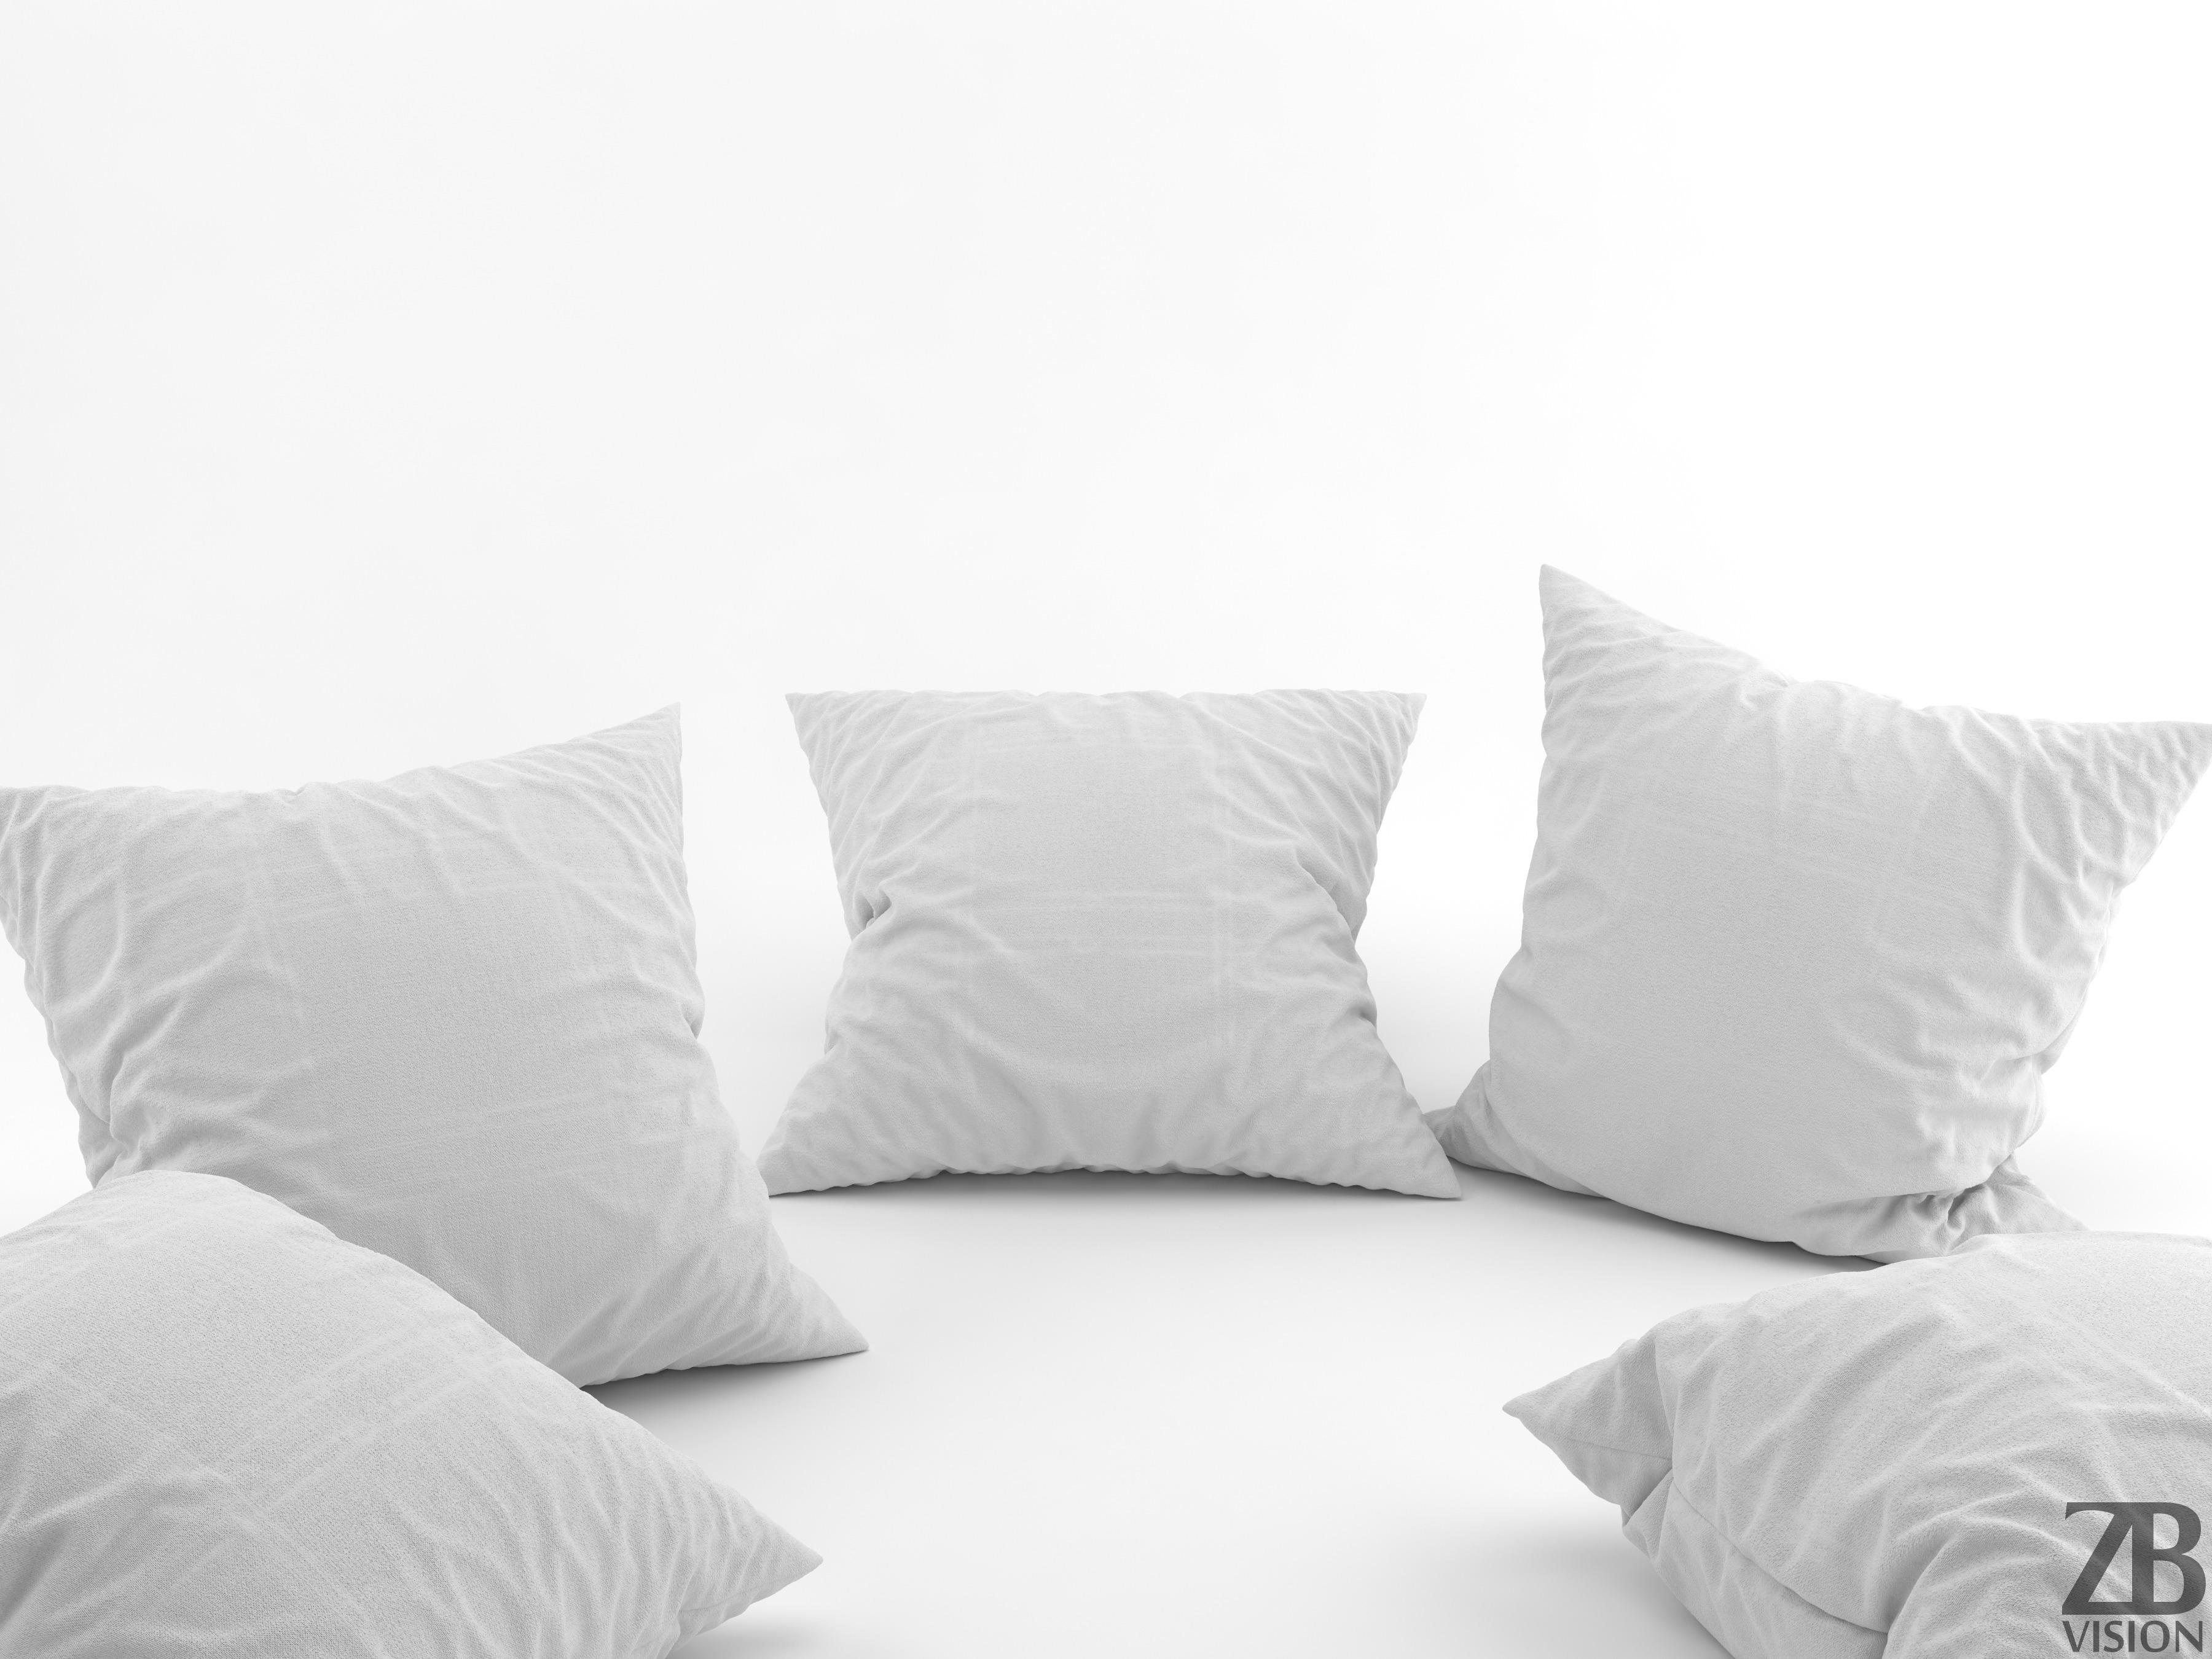 084afbd4baaa60 Pillows by Luckyfox | 3DOcean